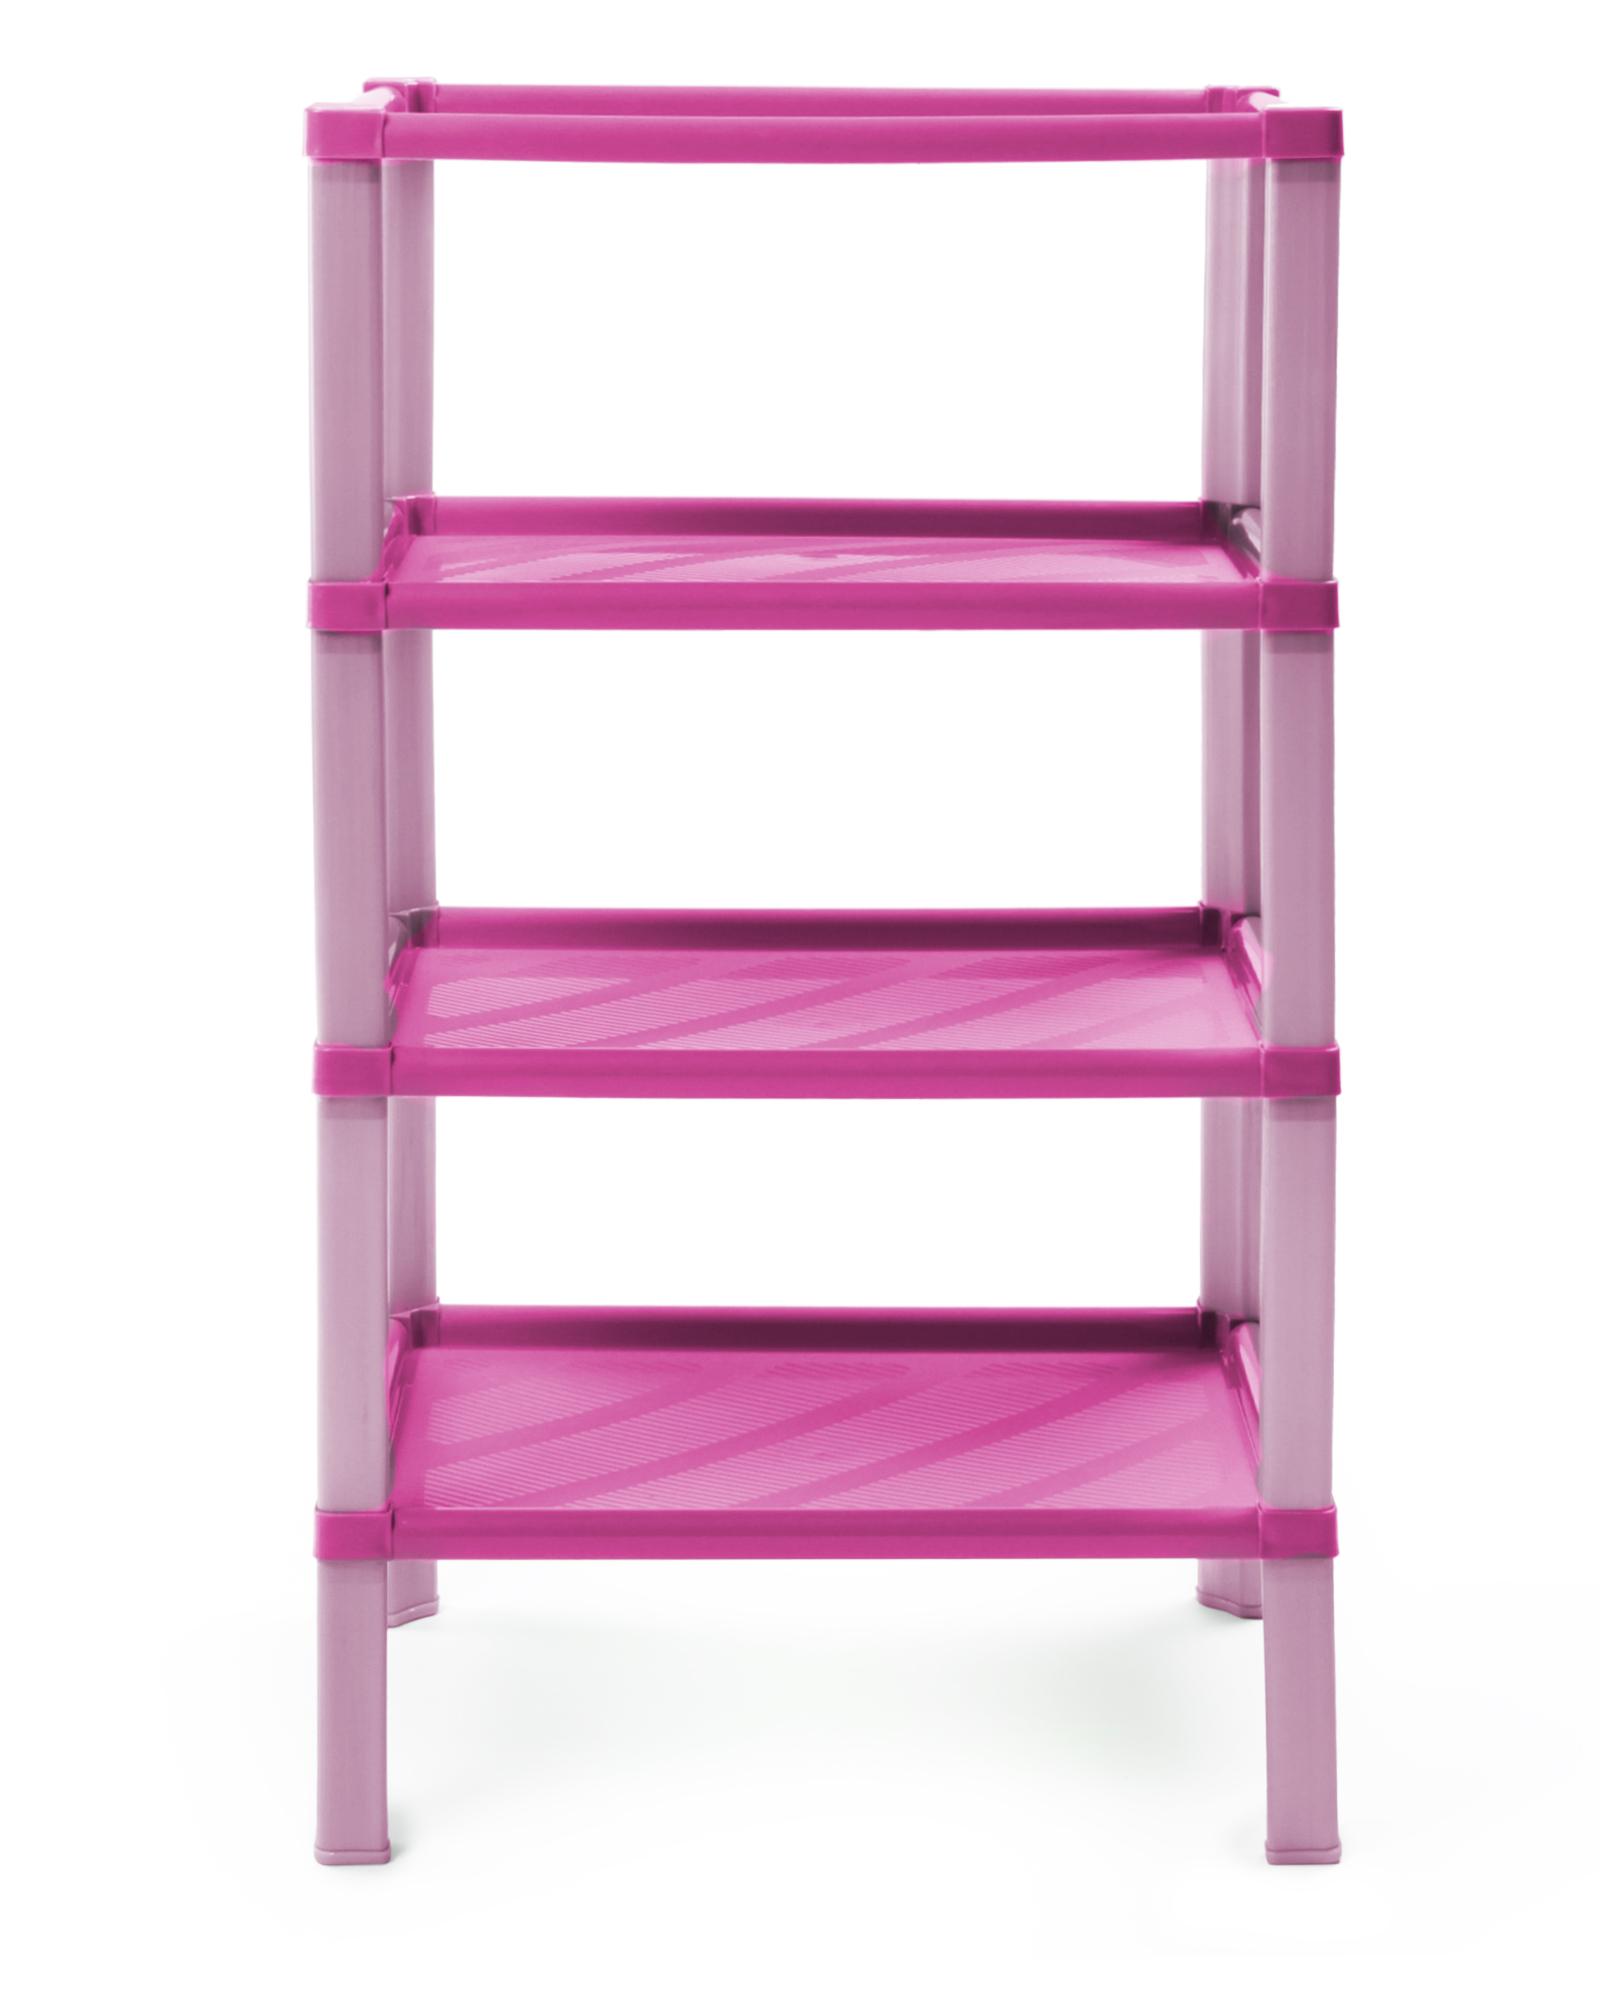 Full Size of Günstige Regale Ondis24 Regal Kunststoff Badregal Scaf Pink Gnstig Online Kaufen Sofa Schulte Dvd Kinderzimmer Paschen Günstiges Bito Für Dachschrägen Regal Günstige Regale